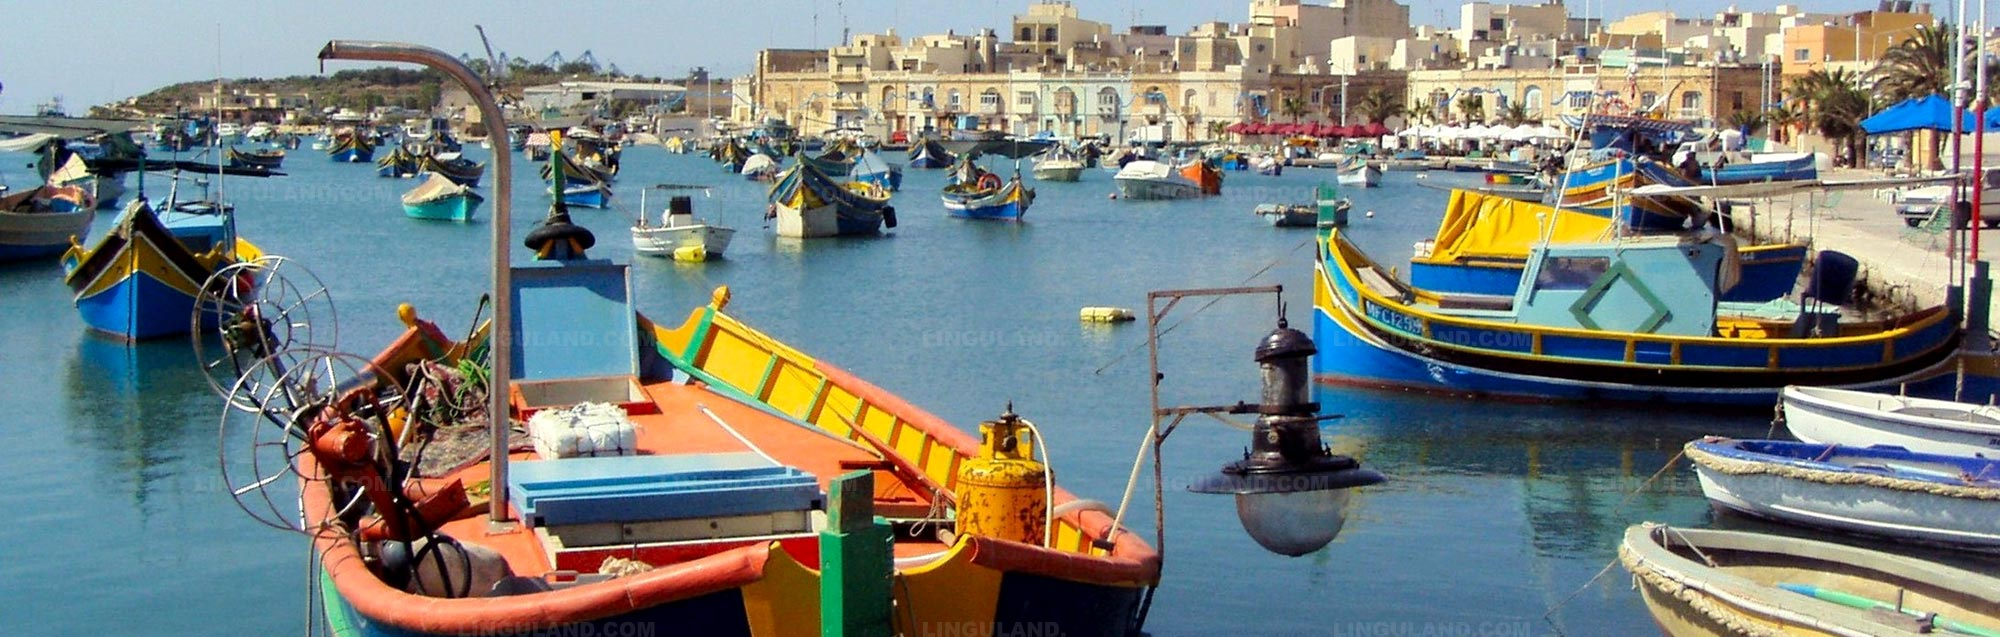 Pasos para obtener tu visa para estudiar en Malta